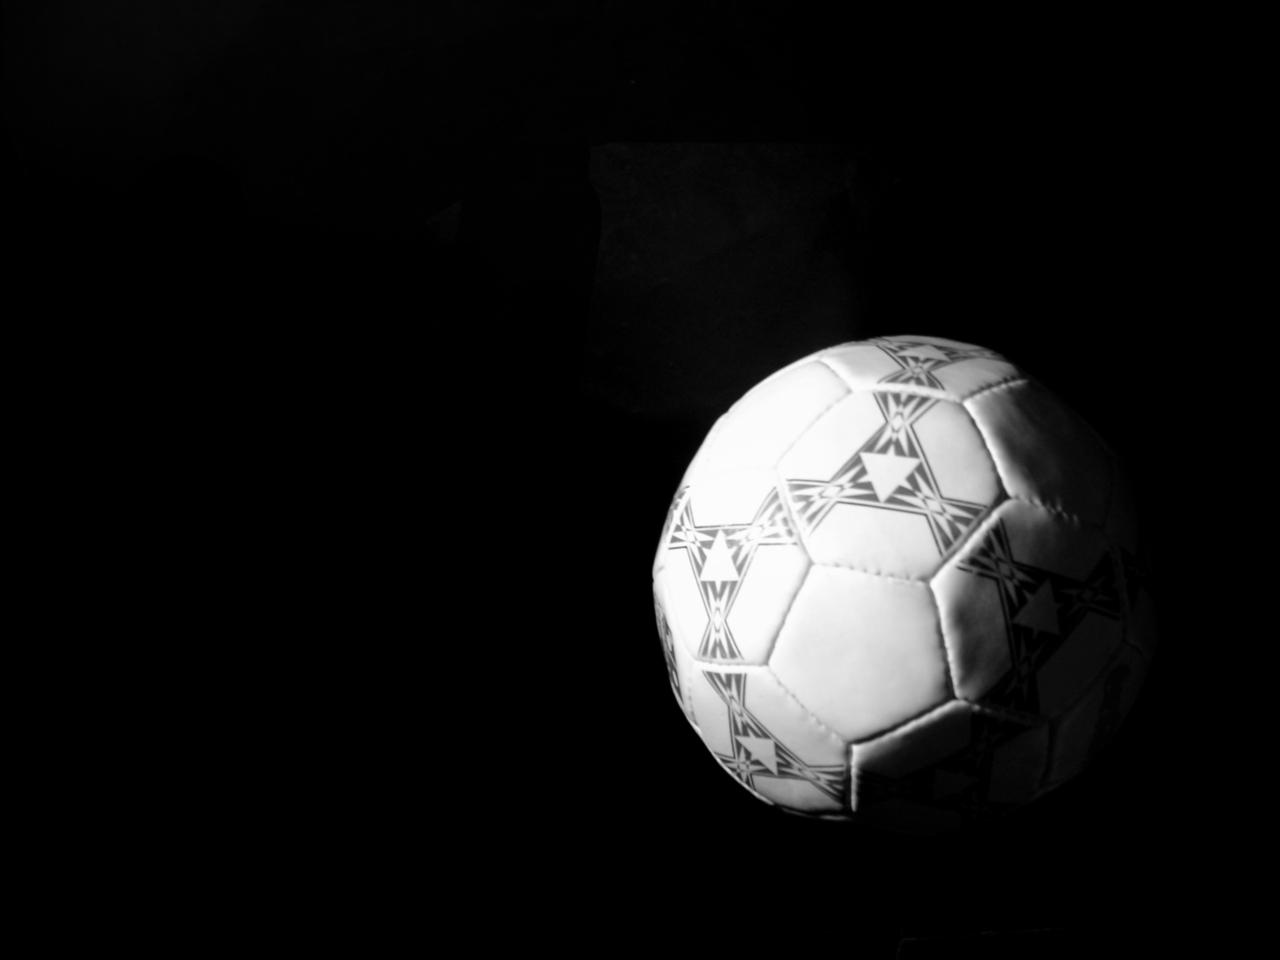 ball-3-1553323-1280x960